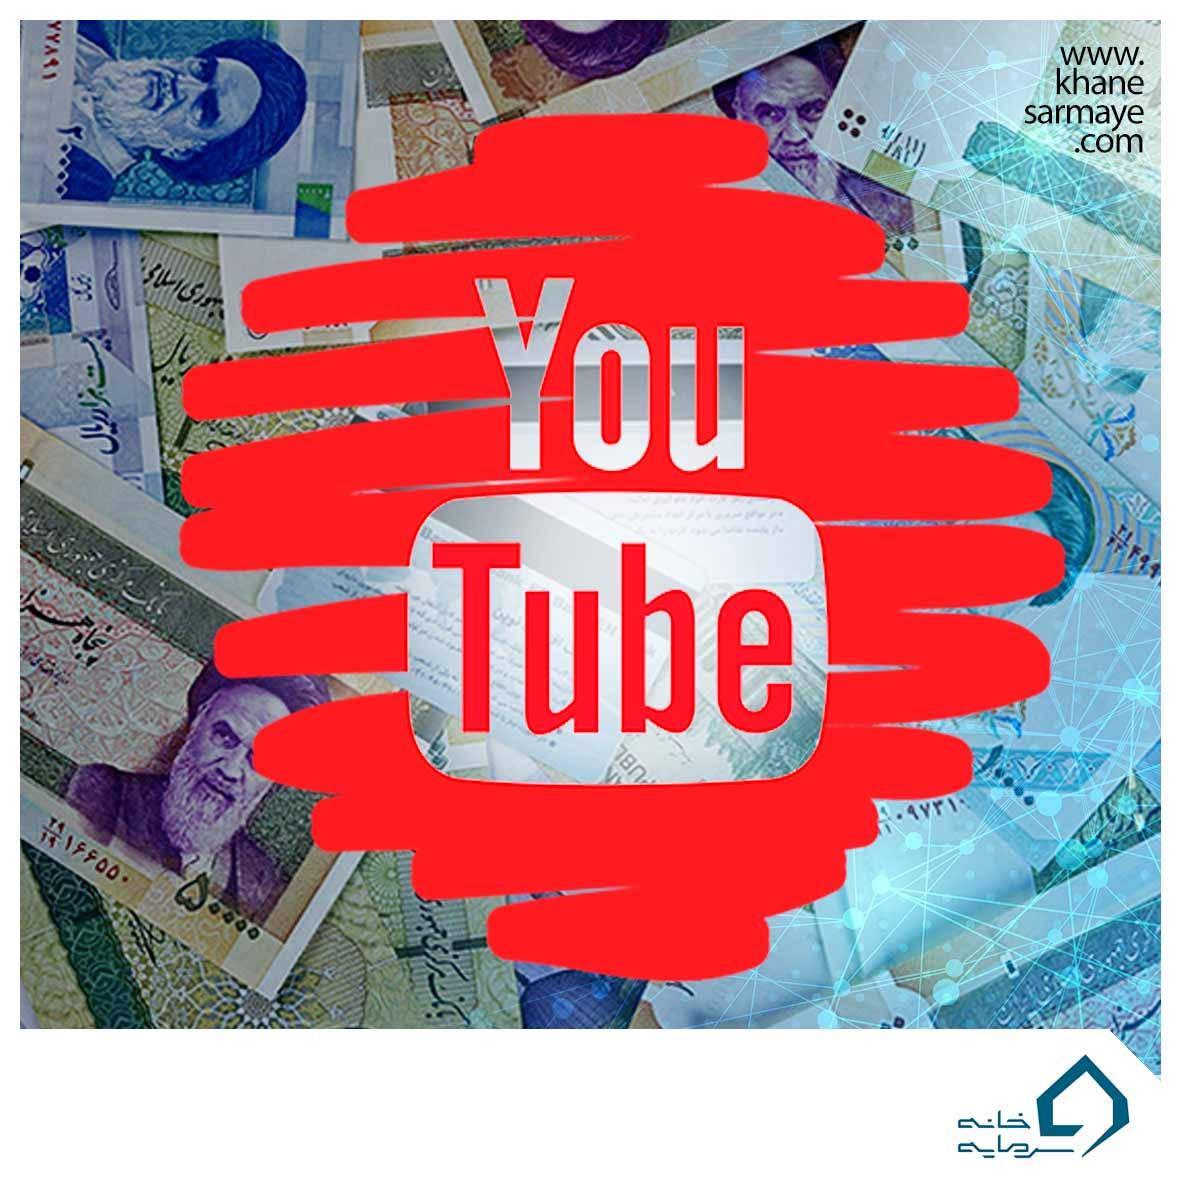 کسب درآمد از یوتیوب؟ چرا که نه!